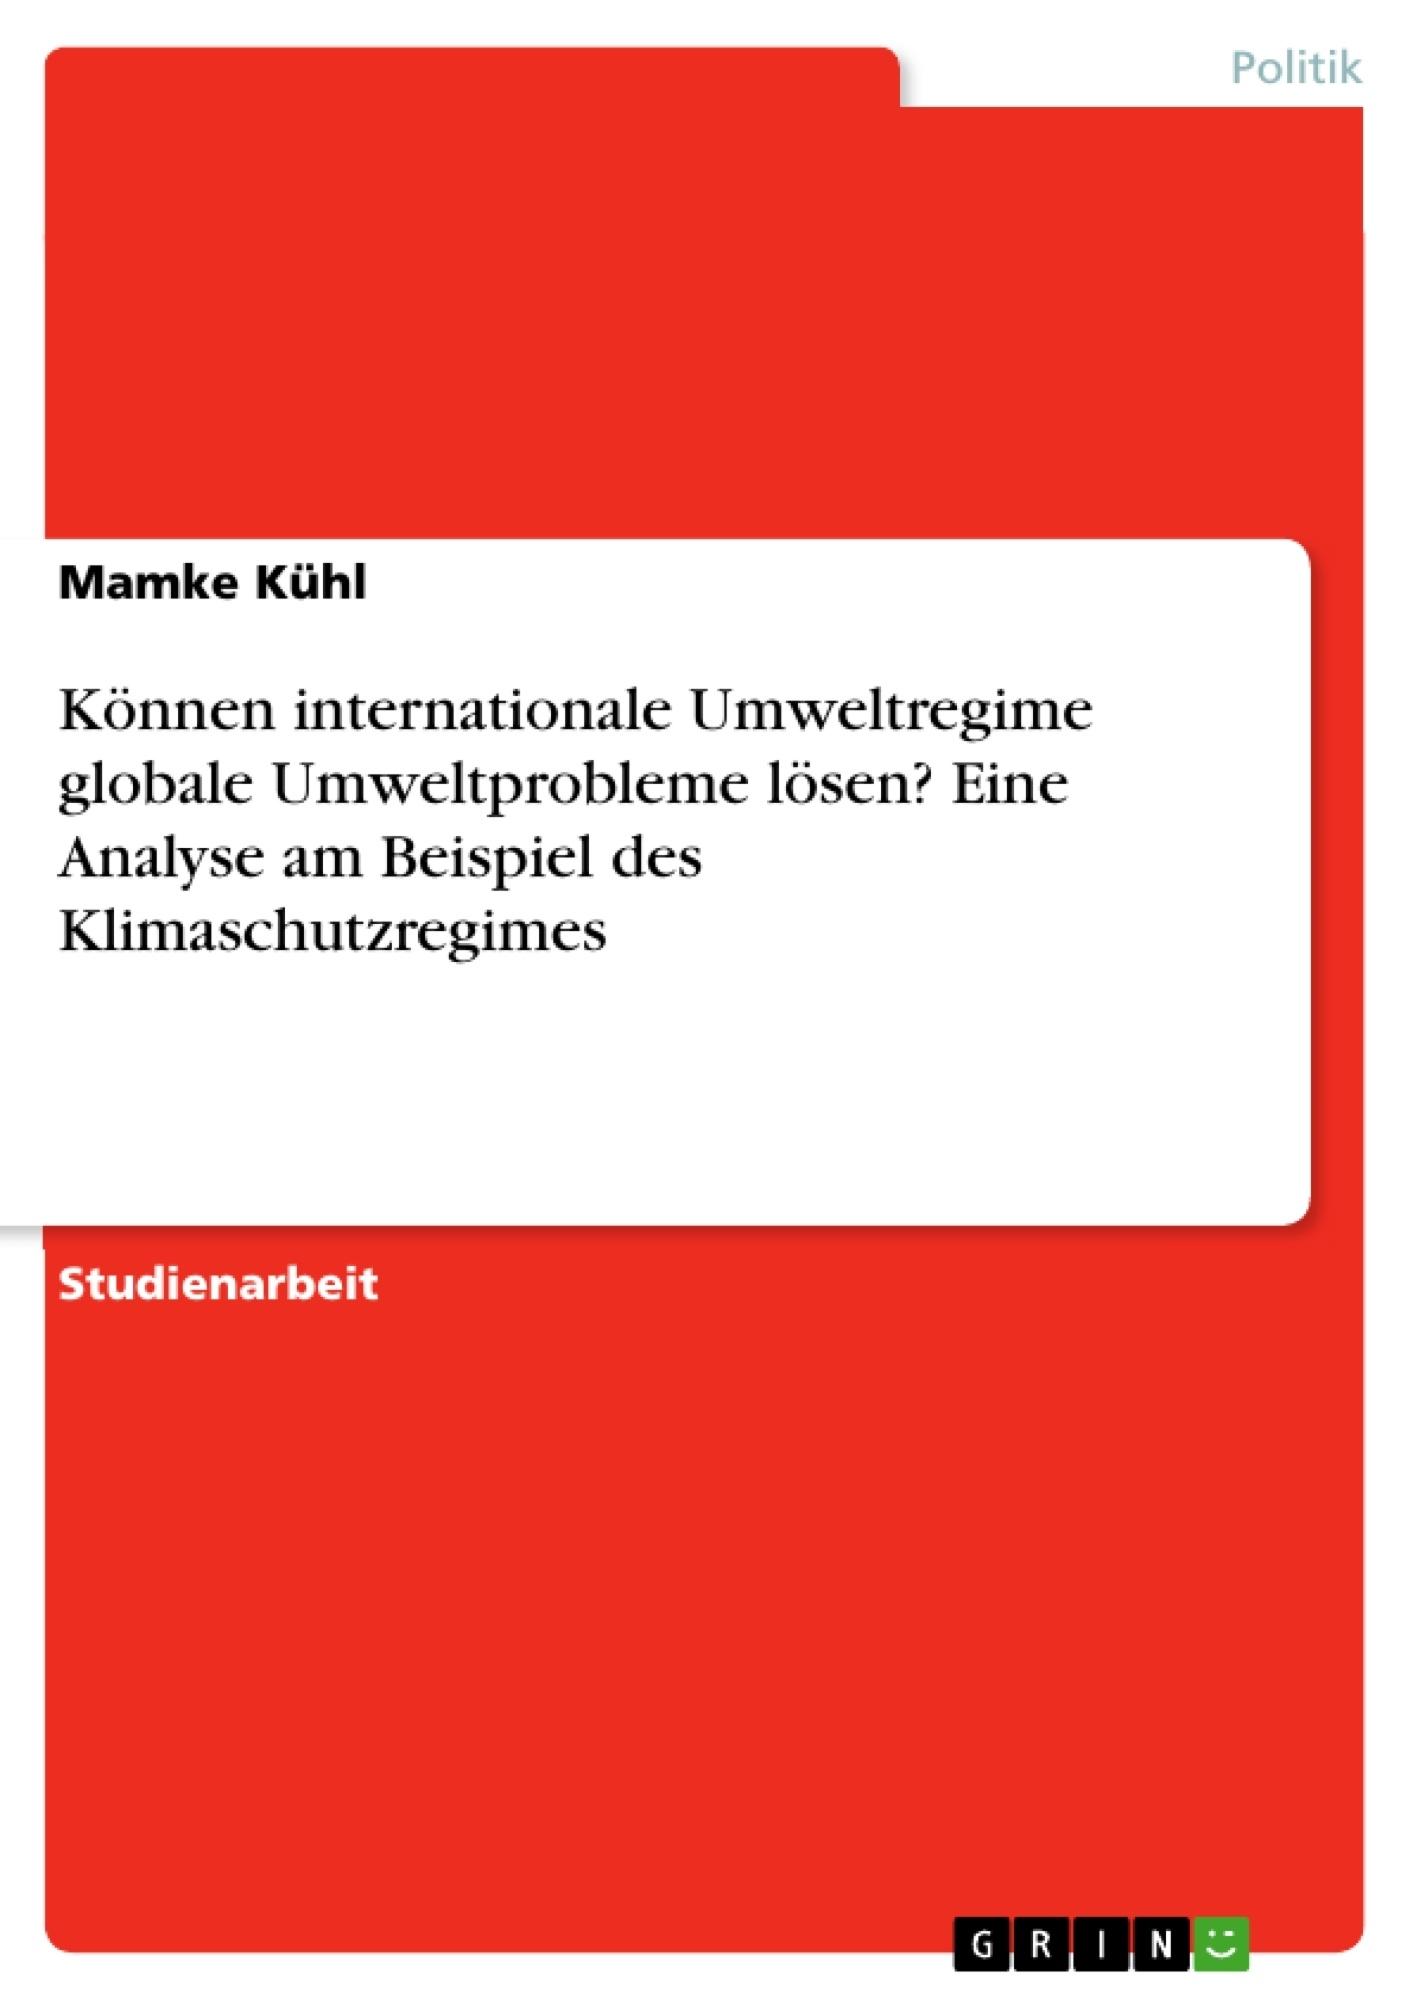 Titel: Können internationale Umweltregime globale Umweltprobleme lösen? Eine Analyse am Beispiel des Klimaschutzregimes